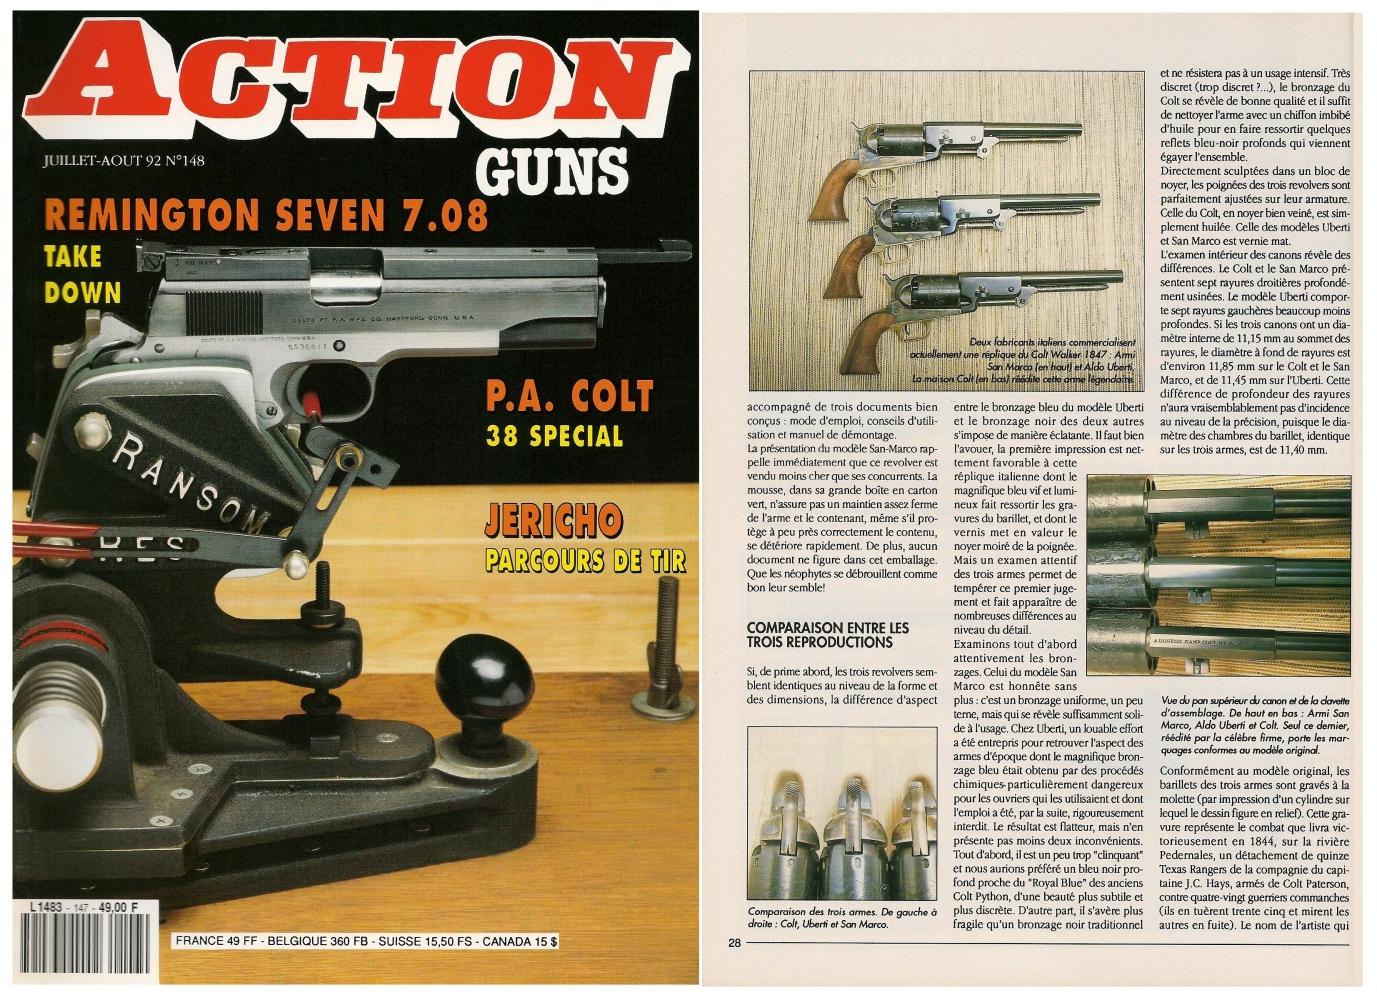 Le banc d'essai des répliques du Colt Walker 1847 a été publié sur 5 pages dans le magazine Action Guns n°148 (juillet-août 1992).